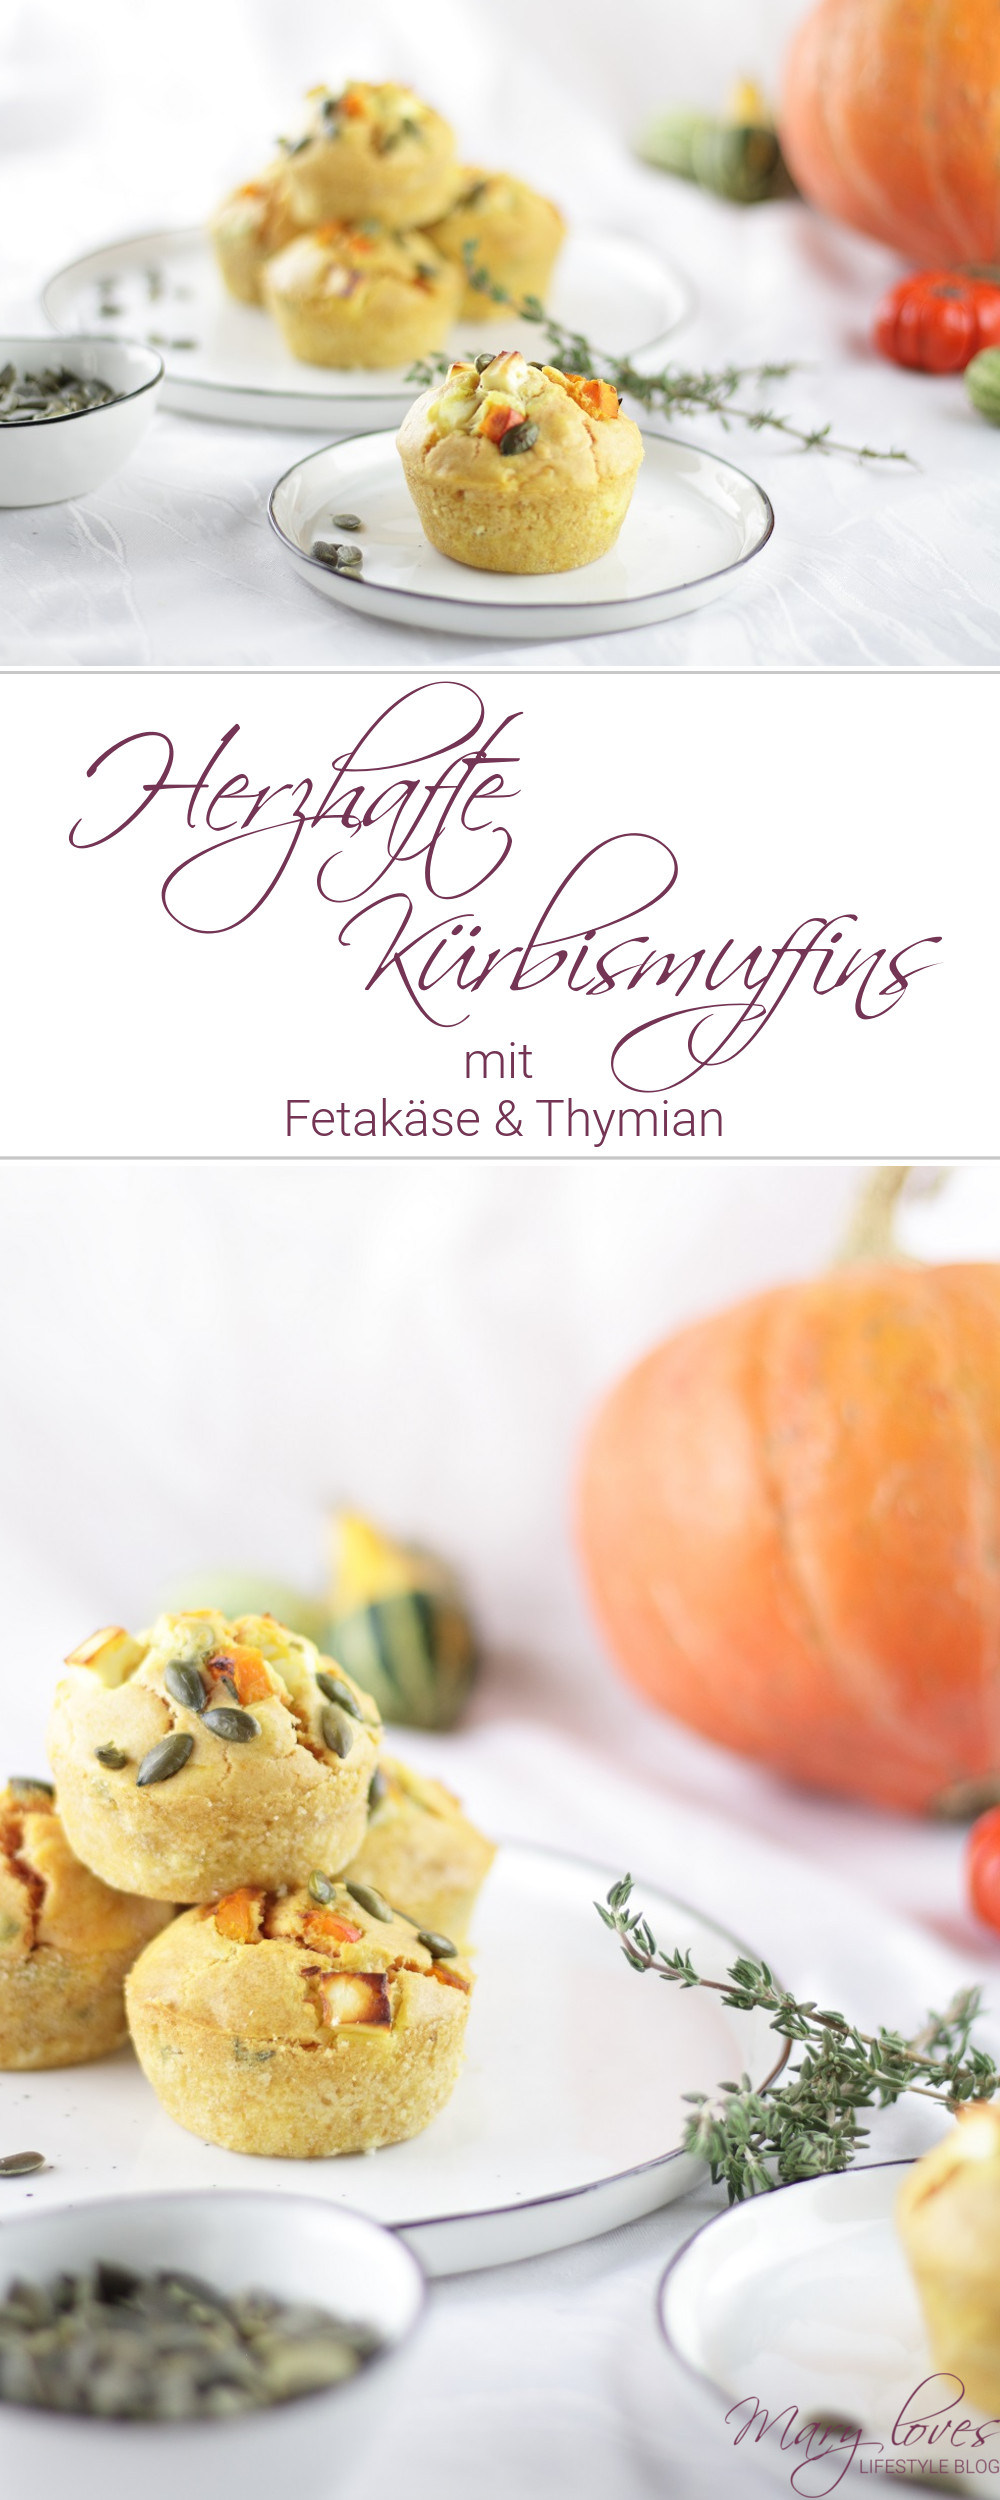 Herzhafte Kürbismuffins mit Feta & Thymian - #kürbis #kürbismuffins #herzhaft #kürbiszeit #kürbisrezept #kürbiszeit #herbstrezept #vegetarisch #muffins #pumpkin #feta